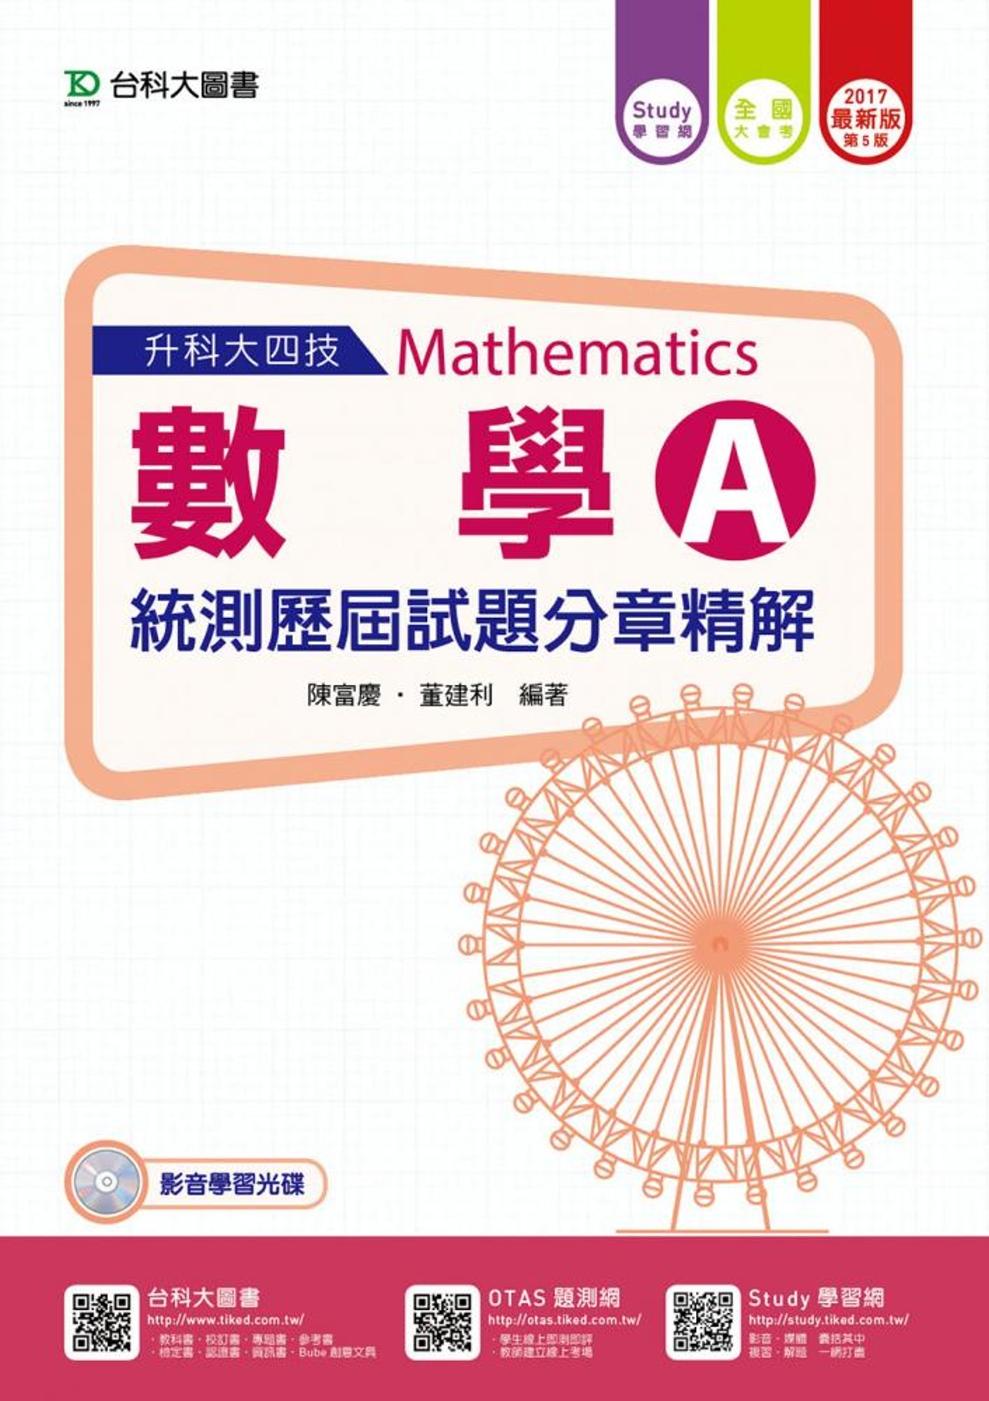 升科大四技數學A統測歷屆試題分章精解 - 附贈Study學習網(含DVD) - 2017年最新版(第五版)